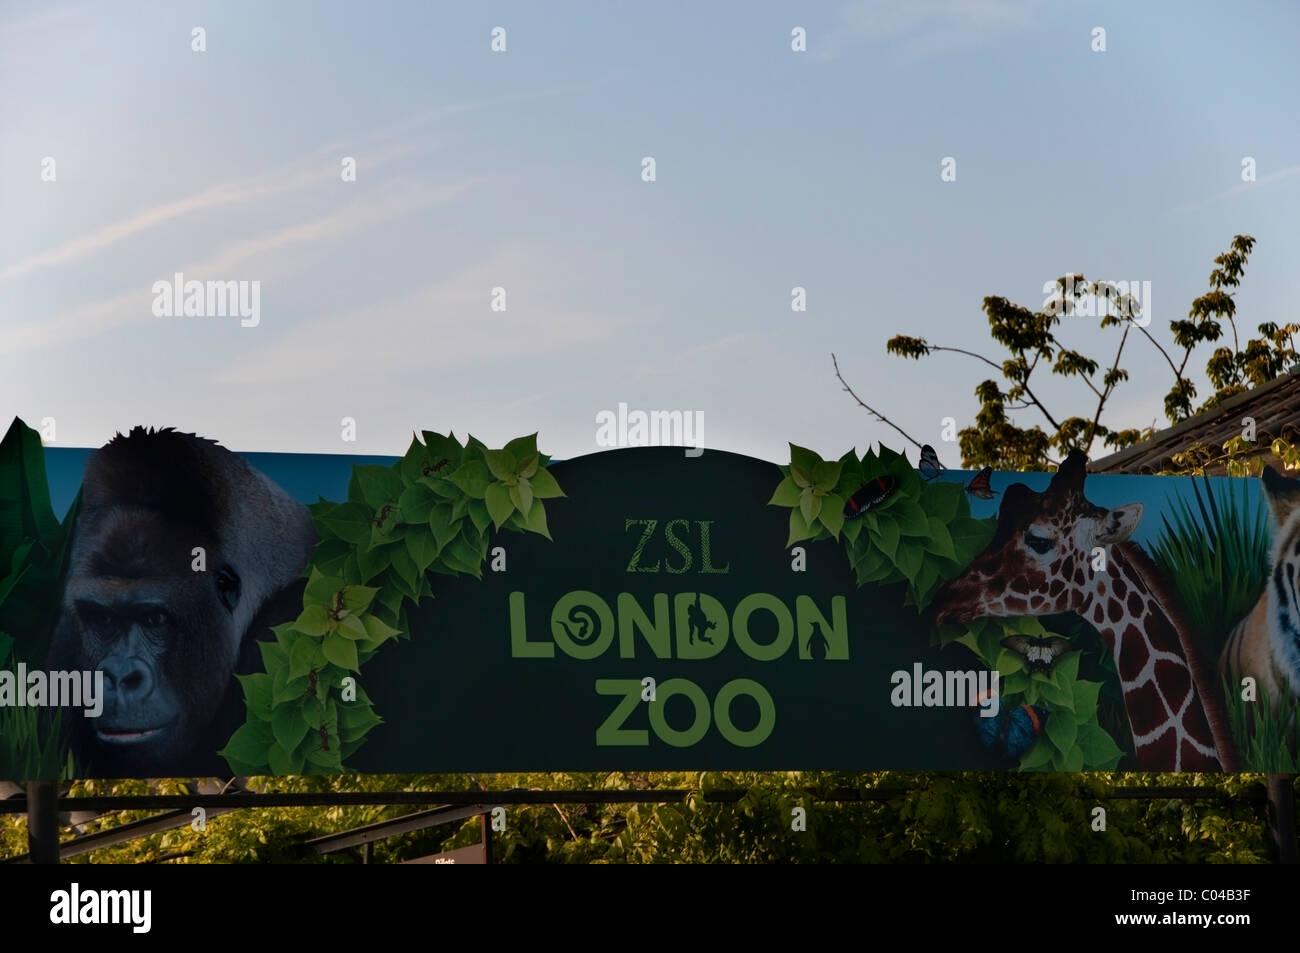 London Zoo sign, close-up, Zoological Gardens entrance, Regents Park, England, UK, Europe, EU - Stock Image